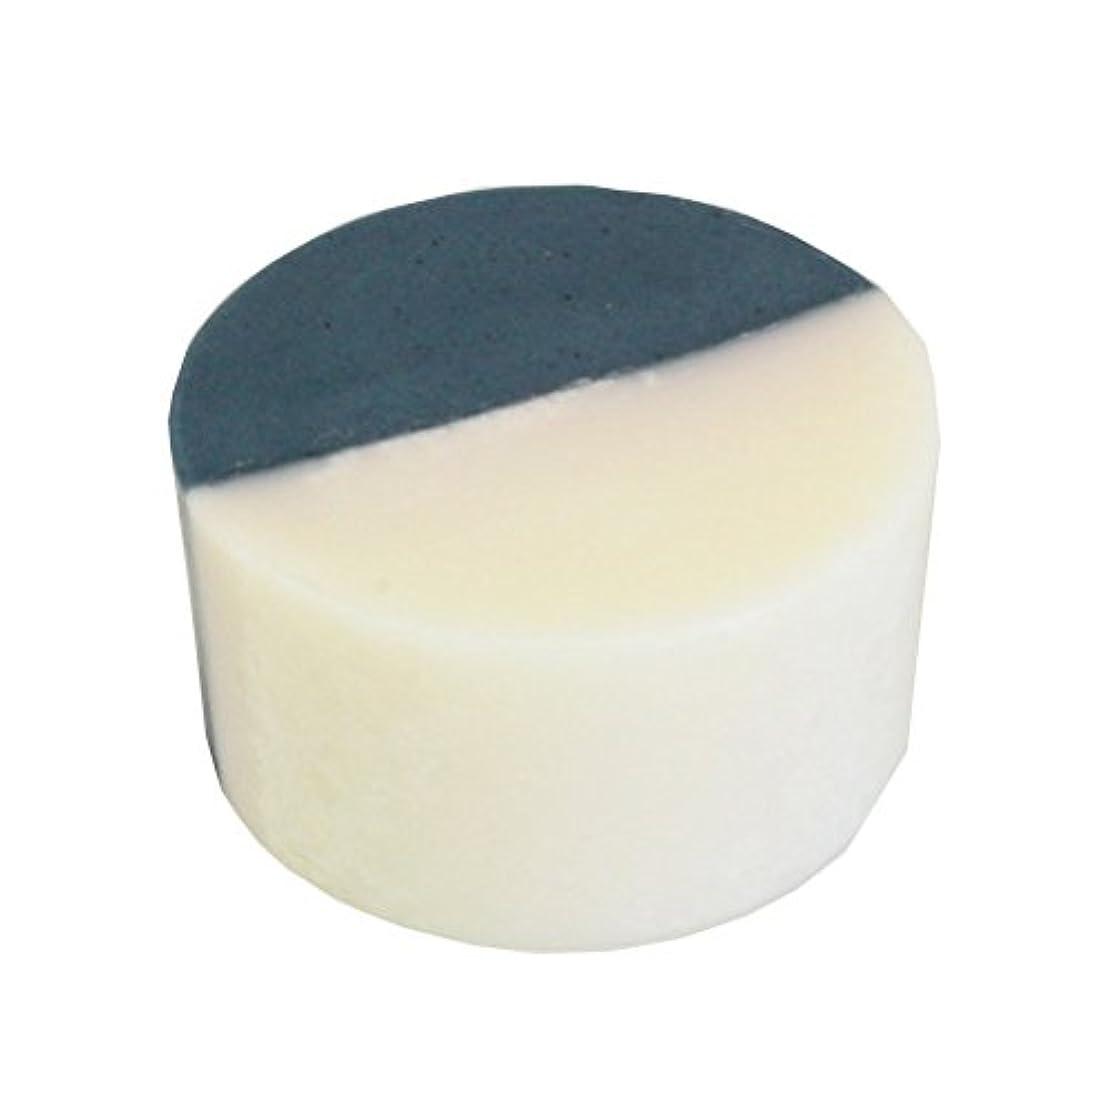 ヒューム綺麗な説得力のある藍色工房 藍染め石けん「ふたえ」(60g)